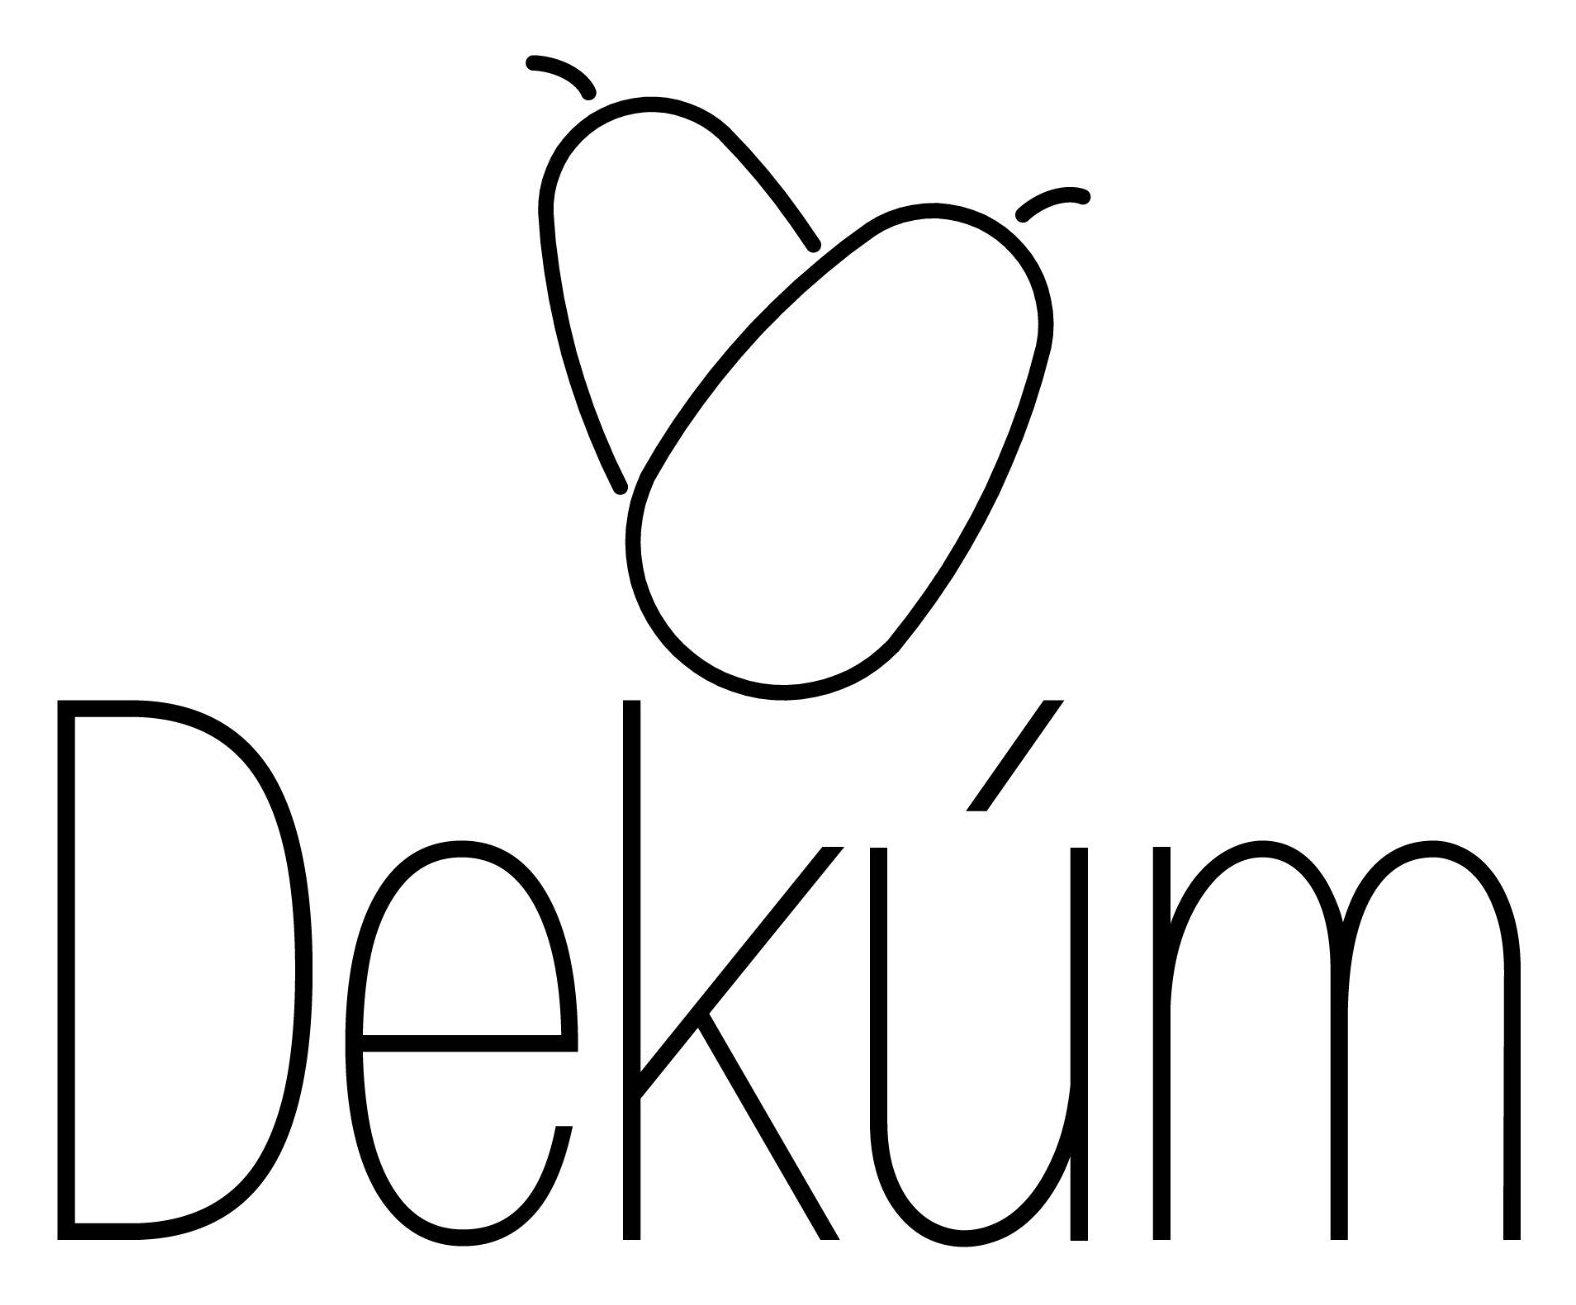 logotipo dekum kumquats